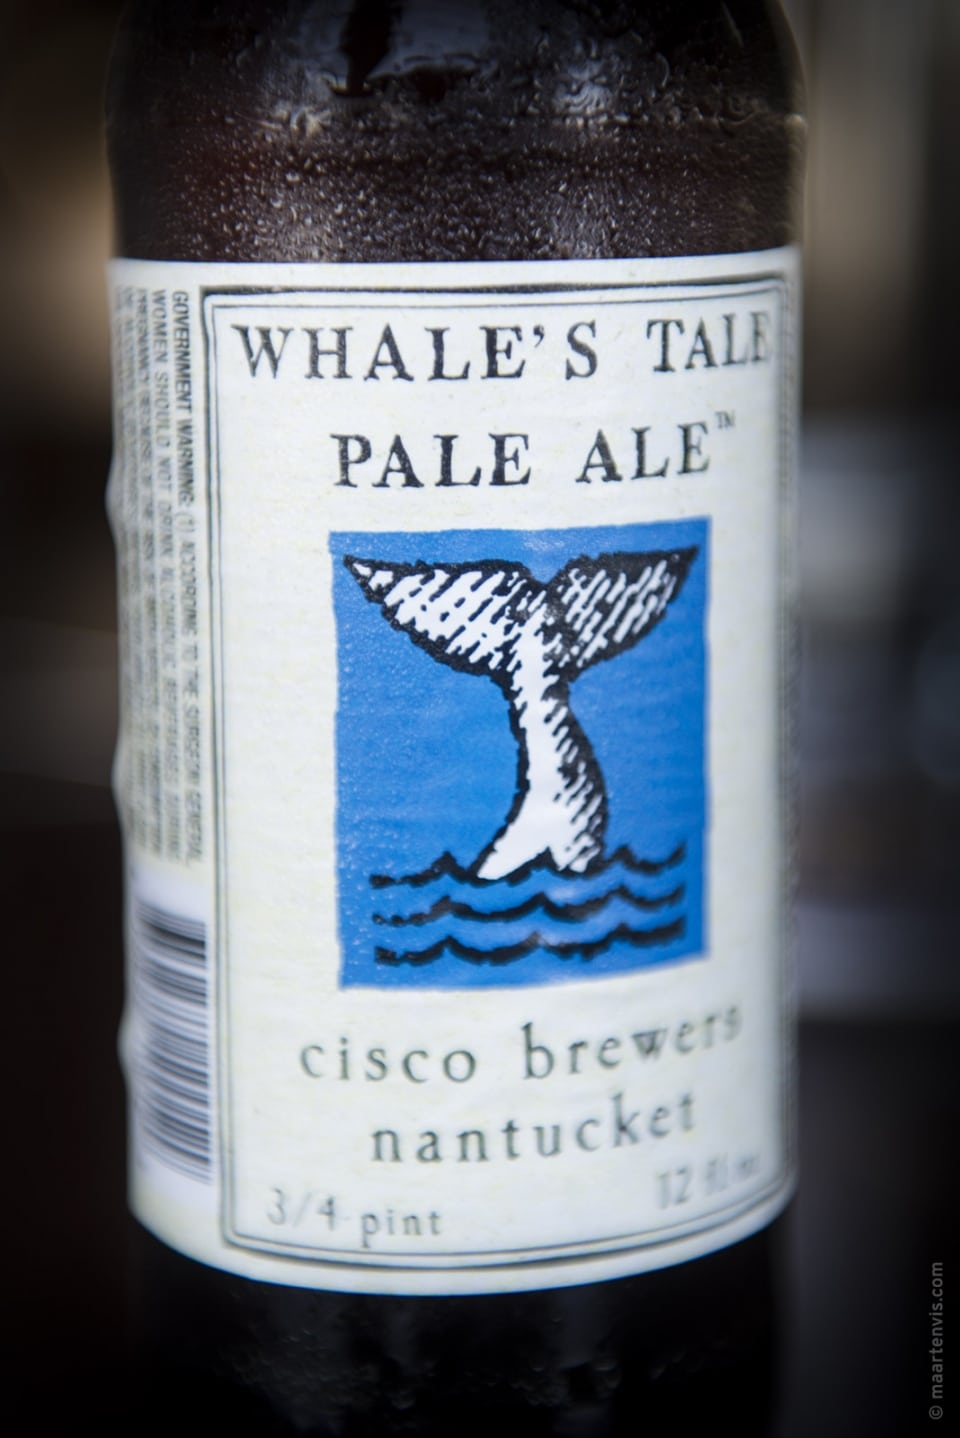 20131017 4673 960x1438 - Cru Oyster Bar, Nantucket